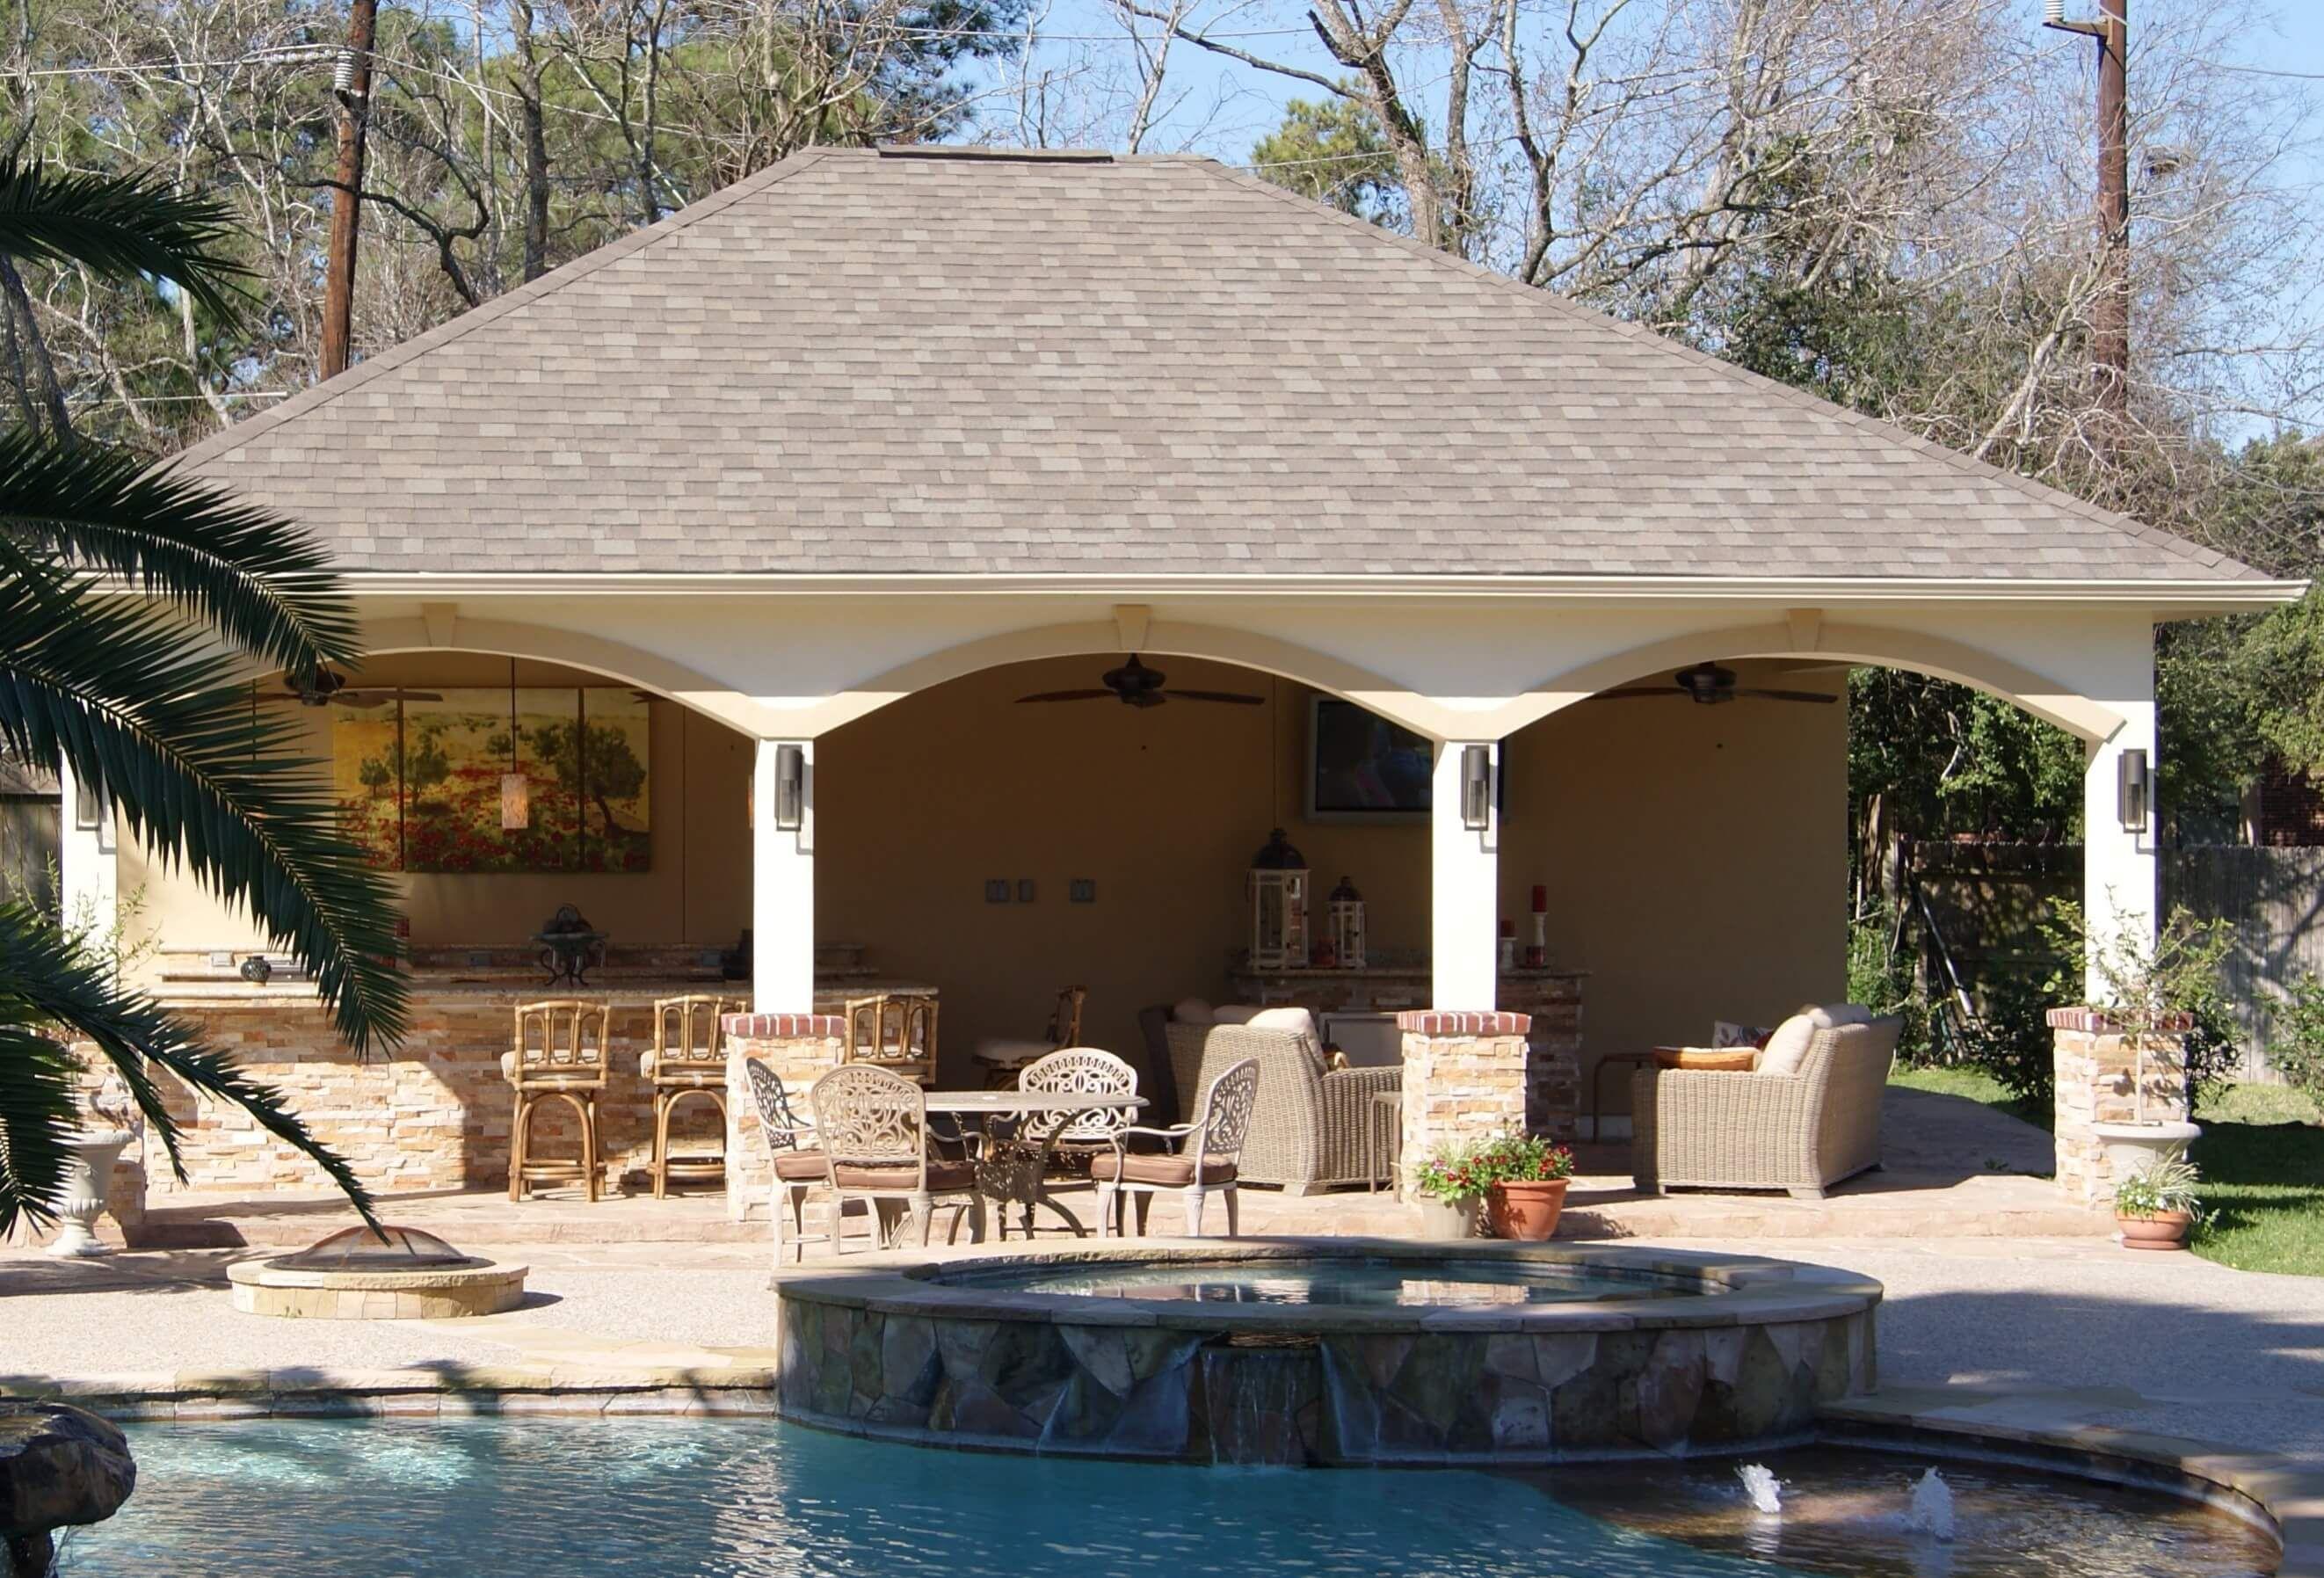 North Houston Pool Cabana Patios Vida Al Aire Libre Piscinas